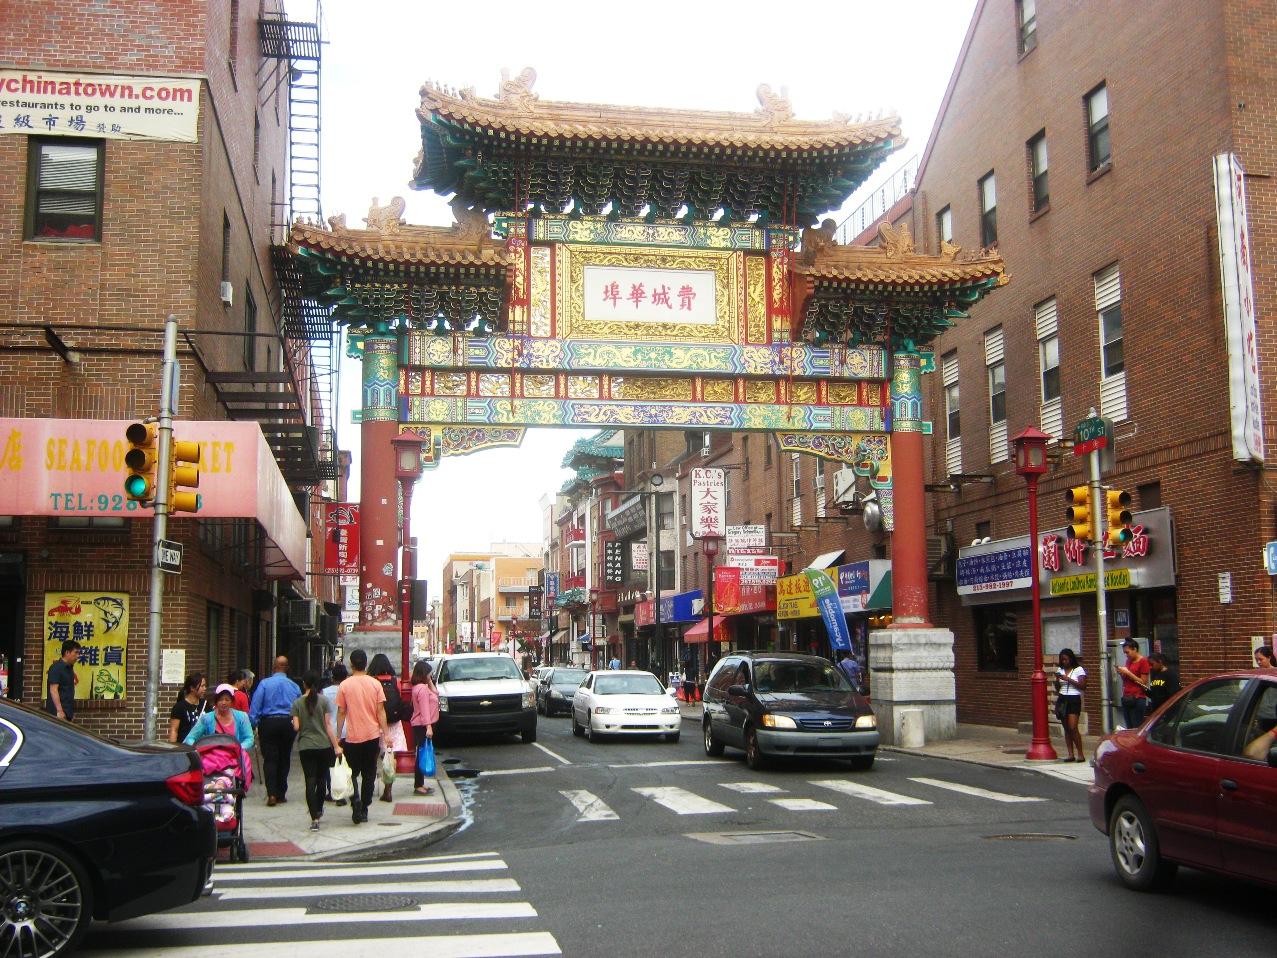 フィラデルフィア中華街の門。